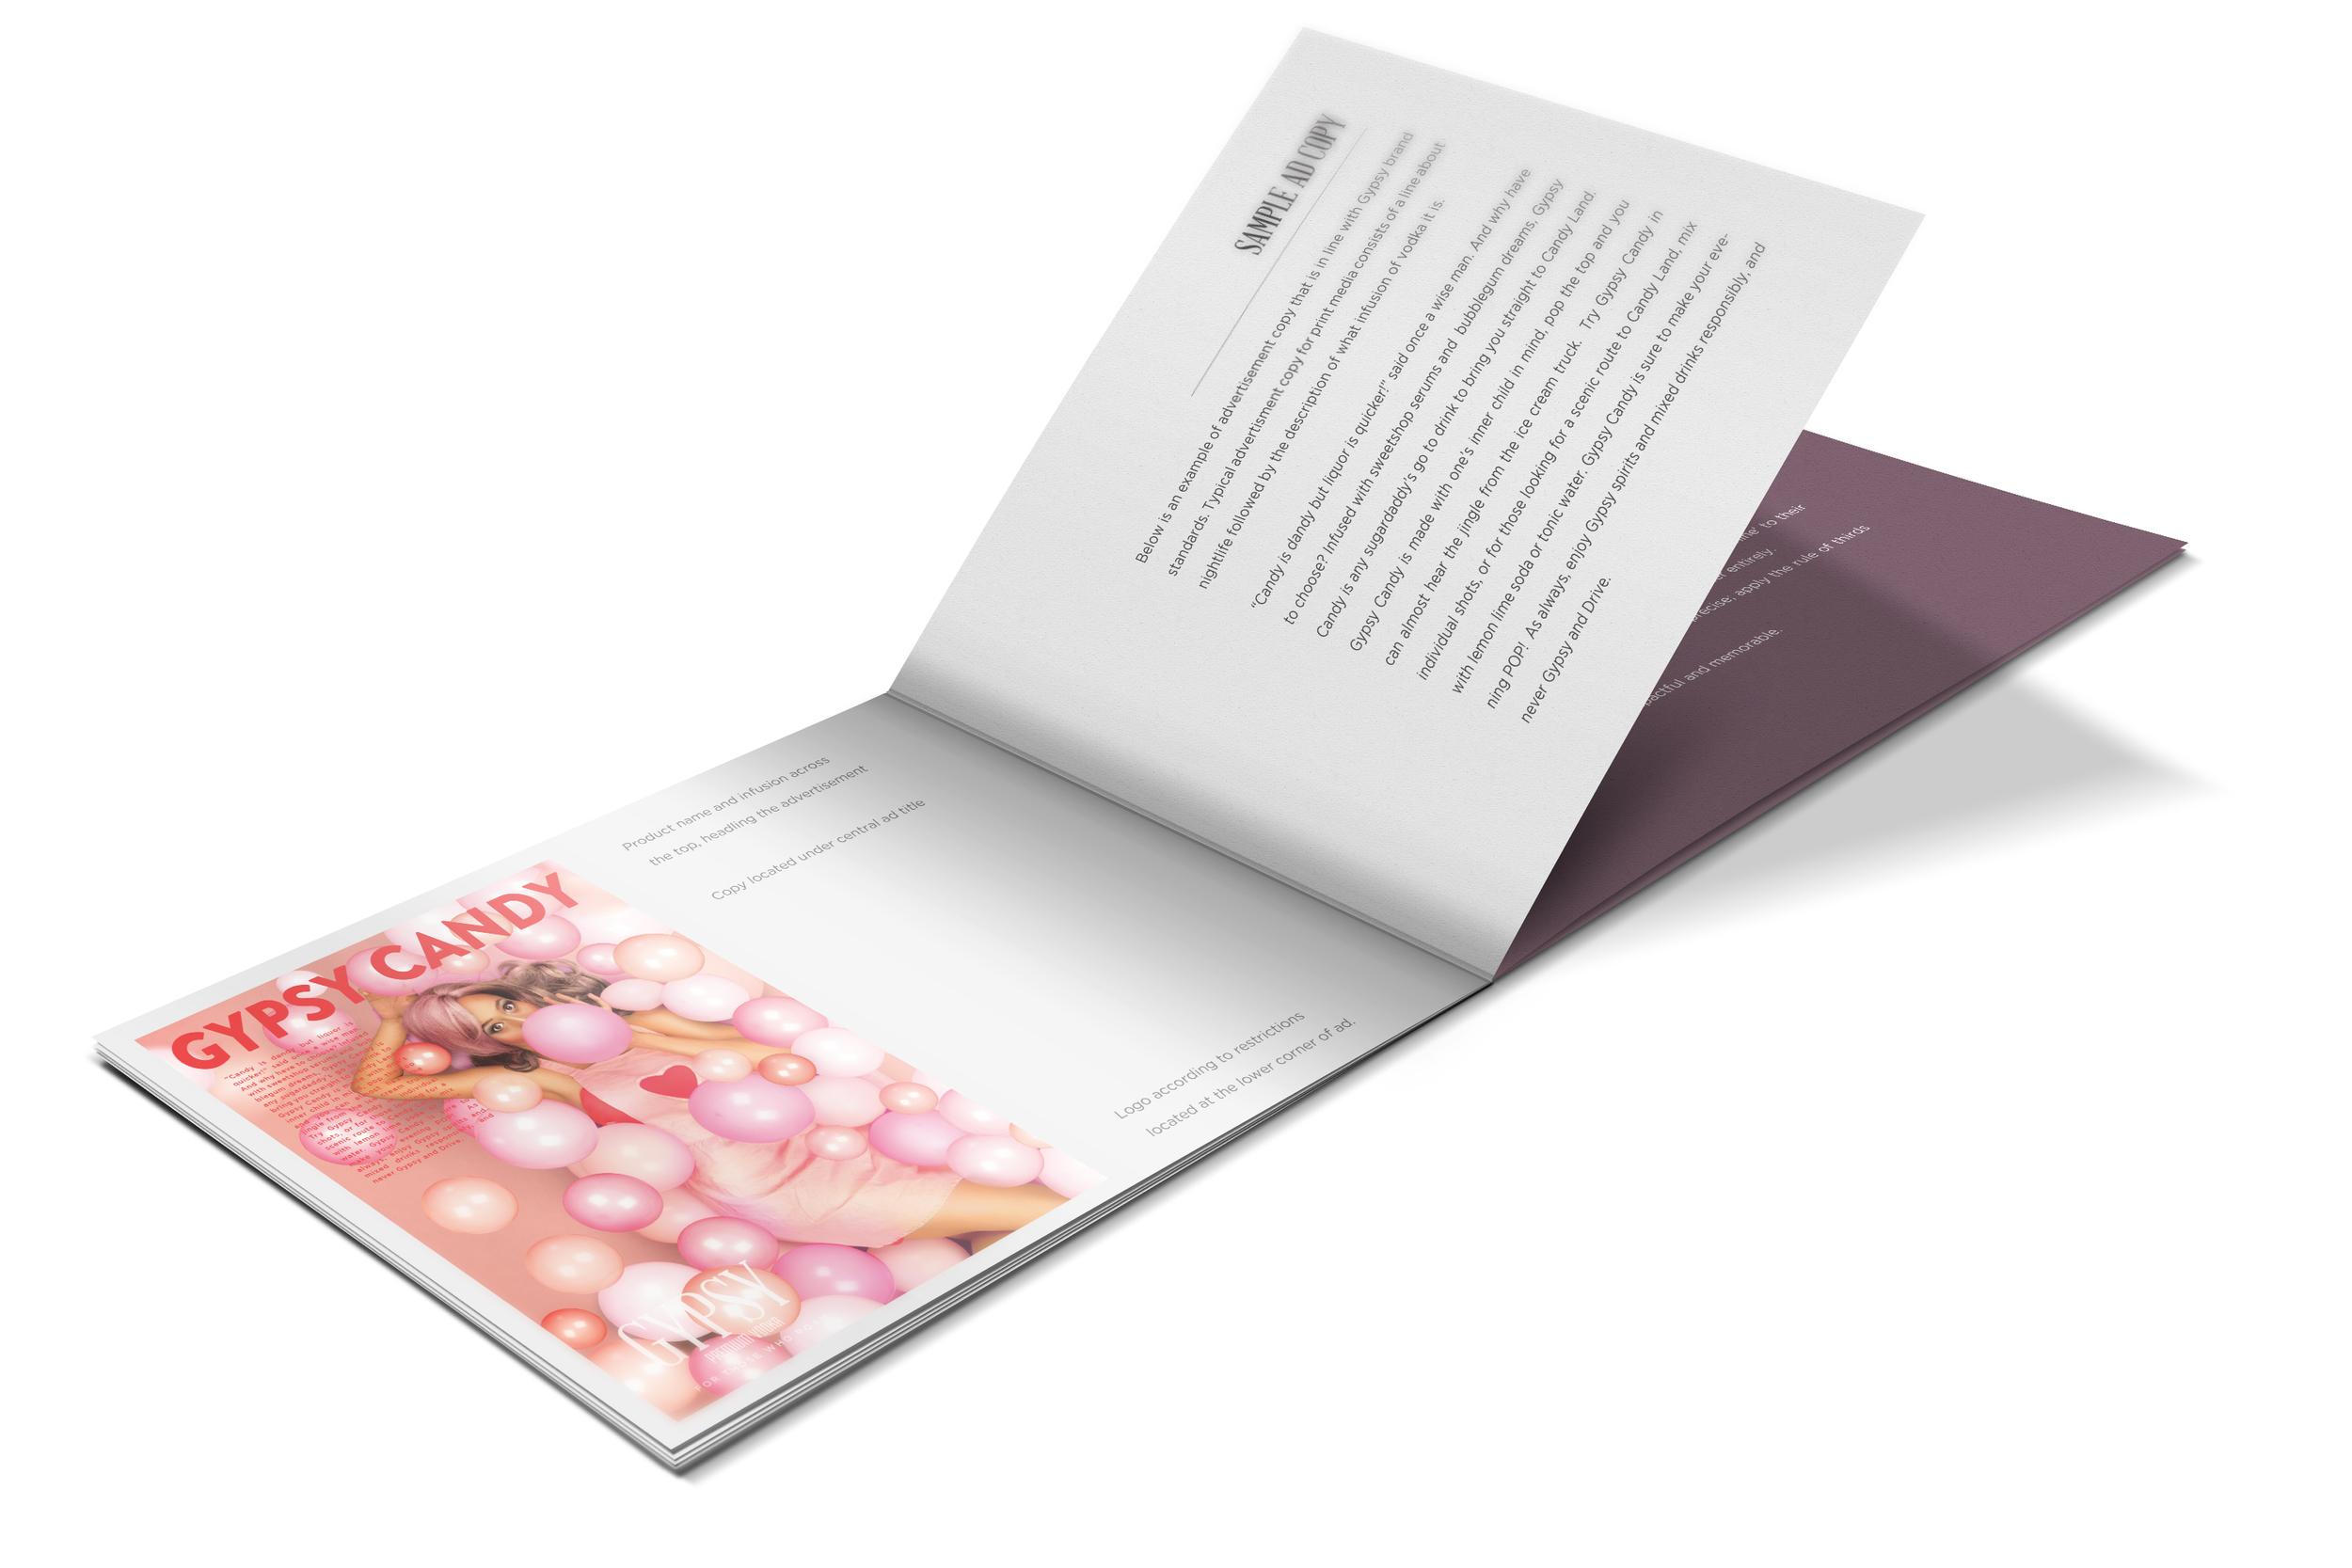 A4 Landscape Book Mockup 03.jpg